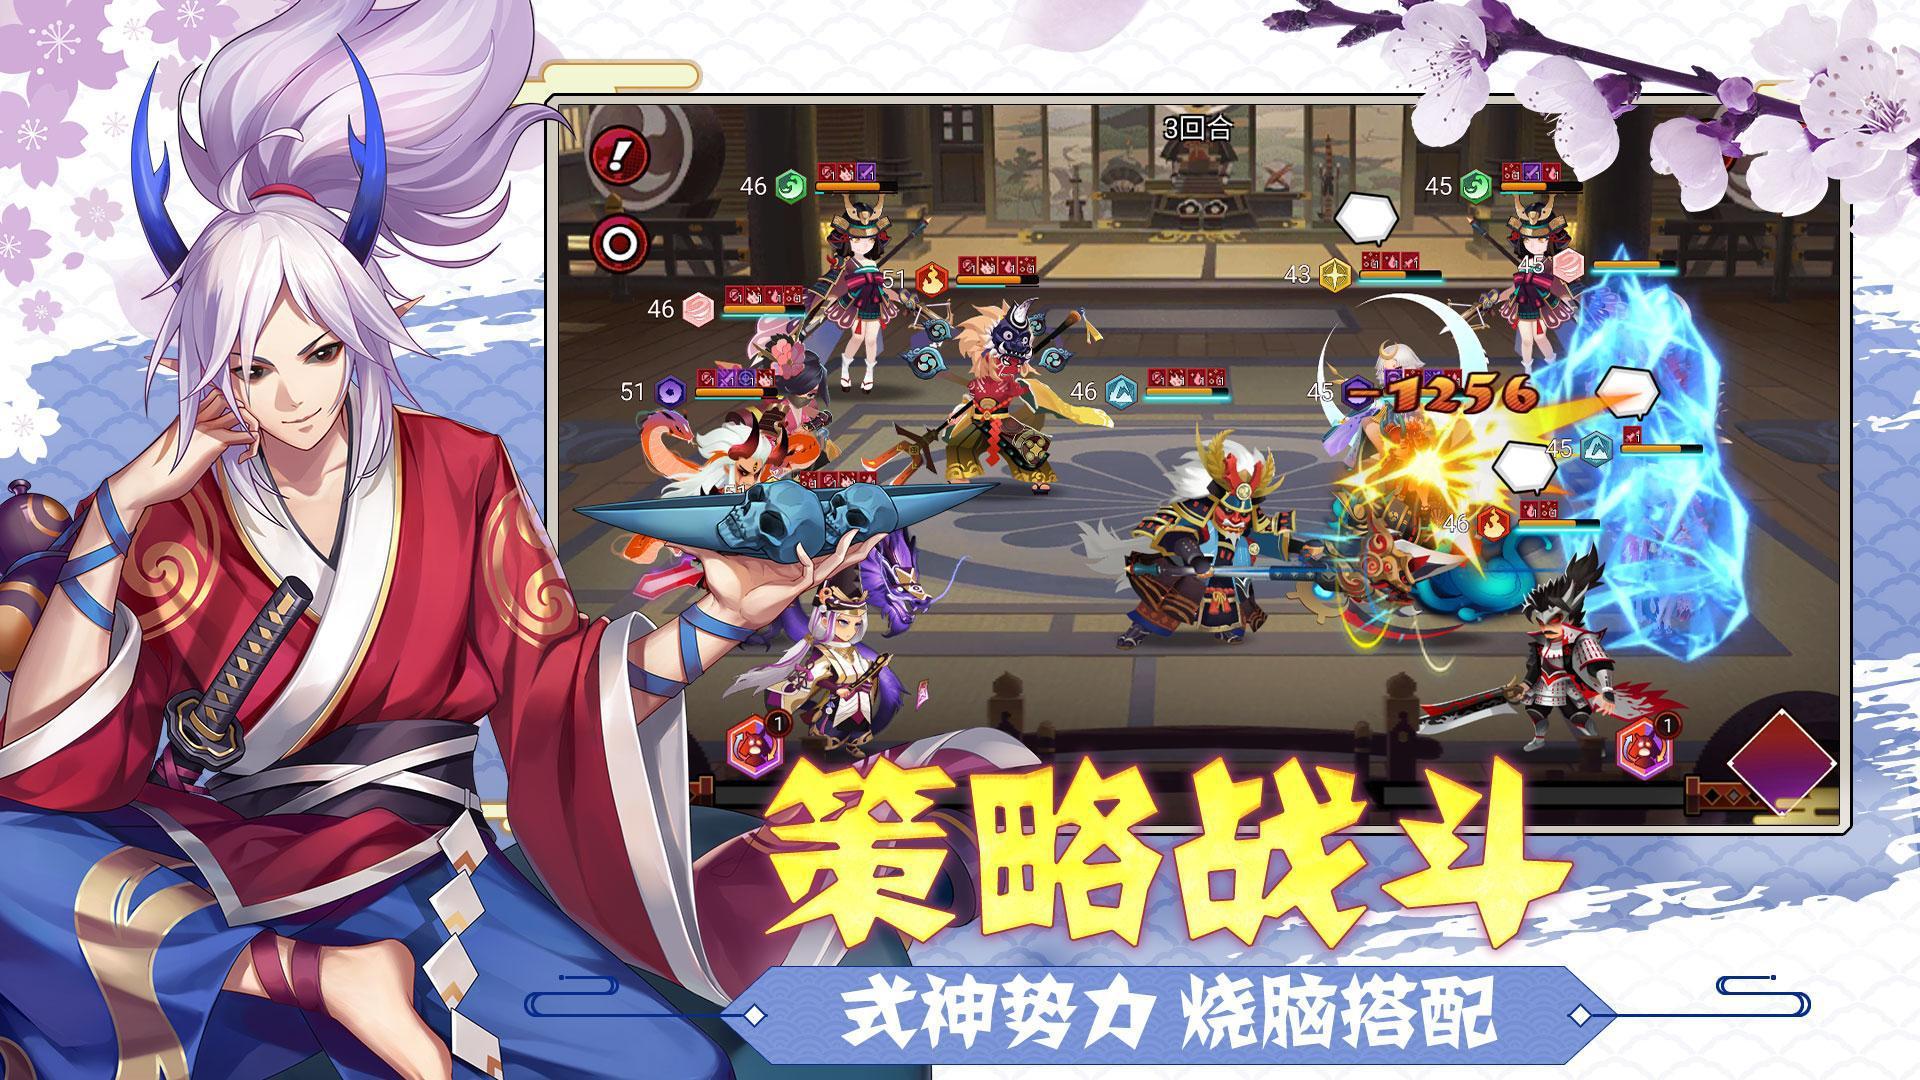 闪乱忍法伝 游戏截图3